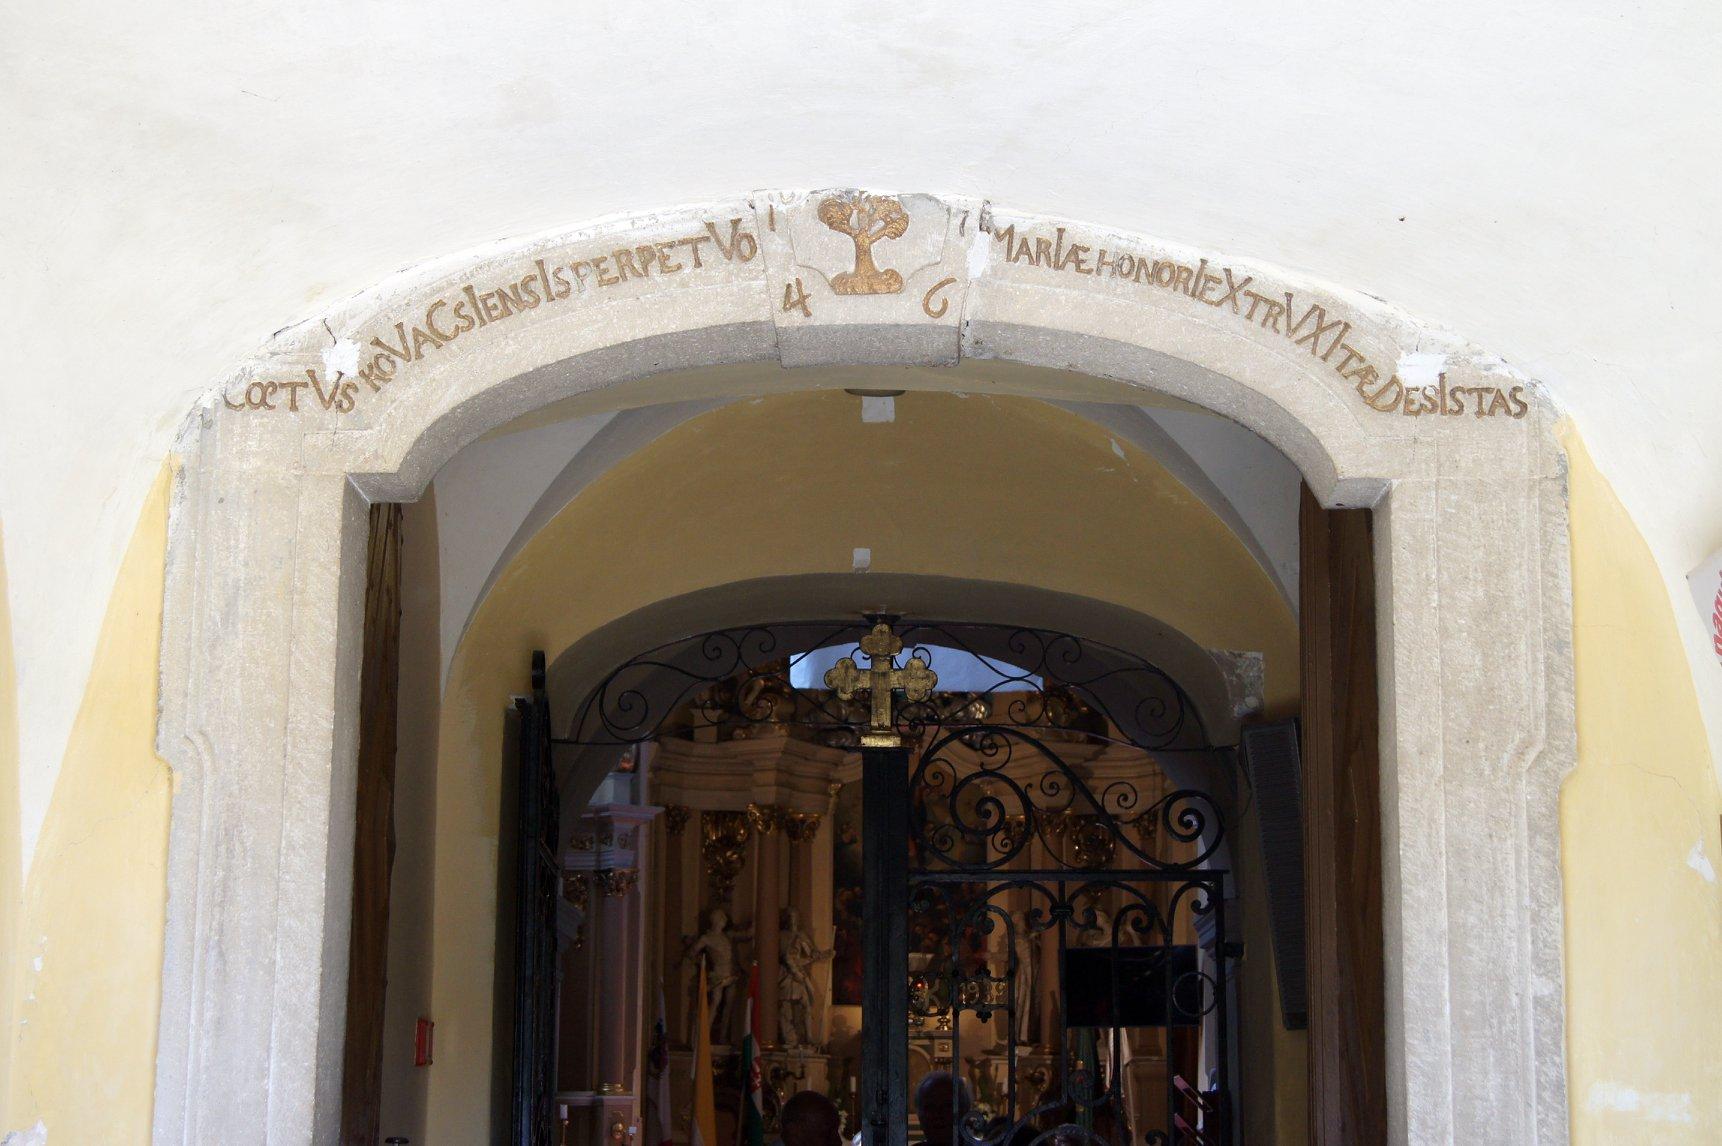 A kapu záróívére került kronosztichon és a zárókövön az évszám 2018. június 30.